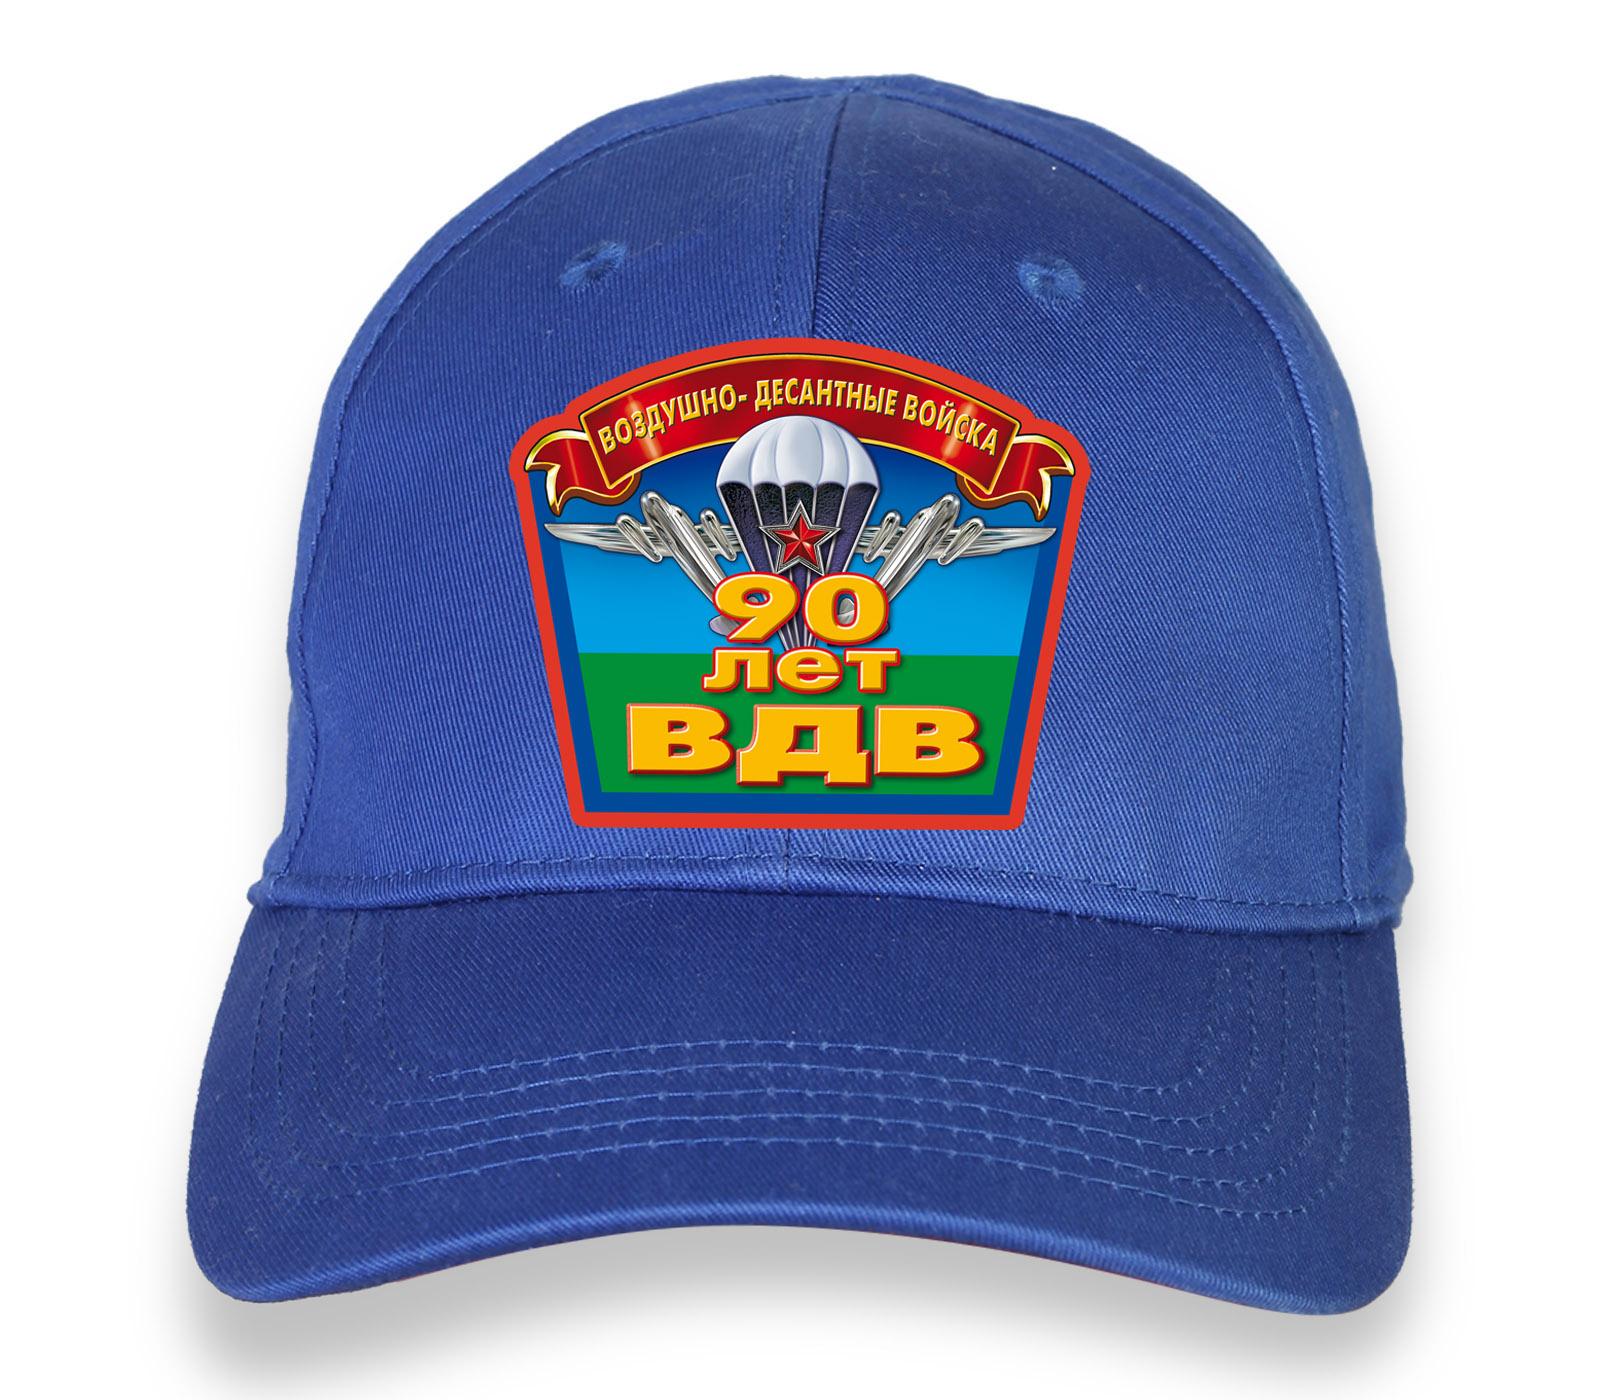 Купить стильную синюю бейсболку с термонаклейкой 90 лет ВДВ по выгодной цене